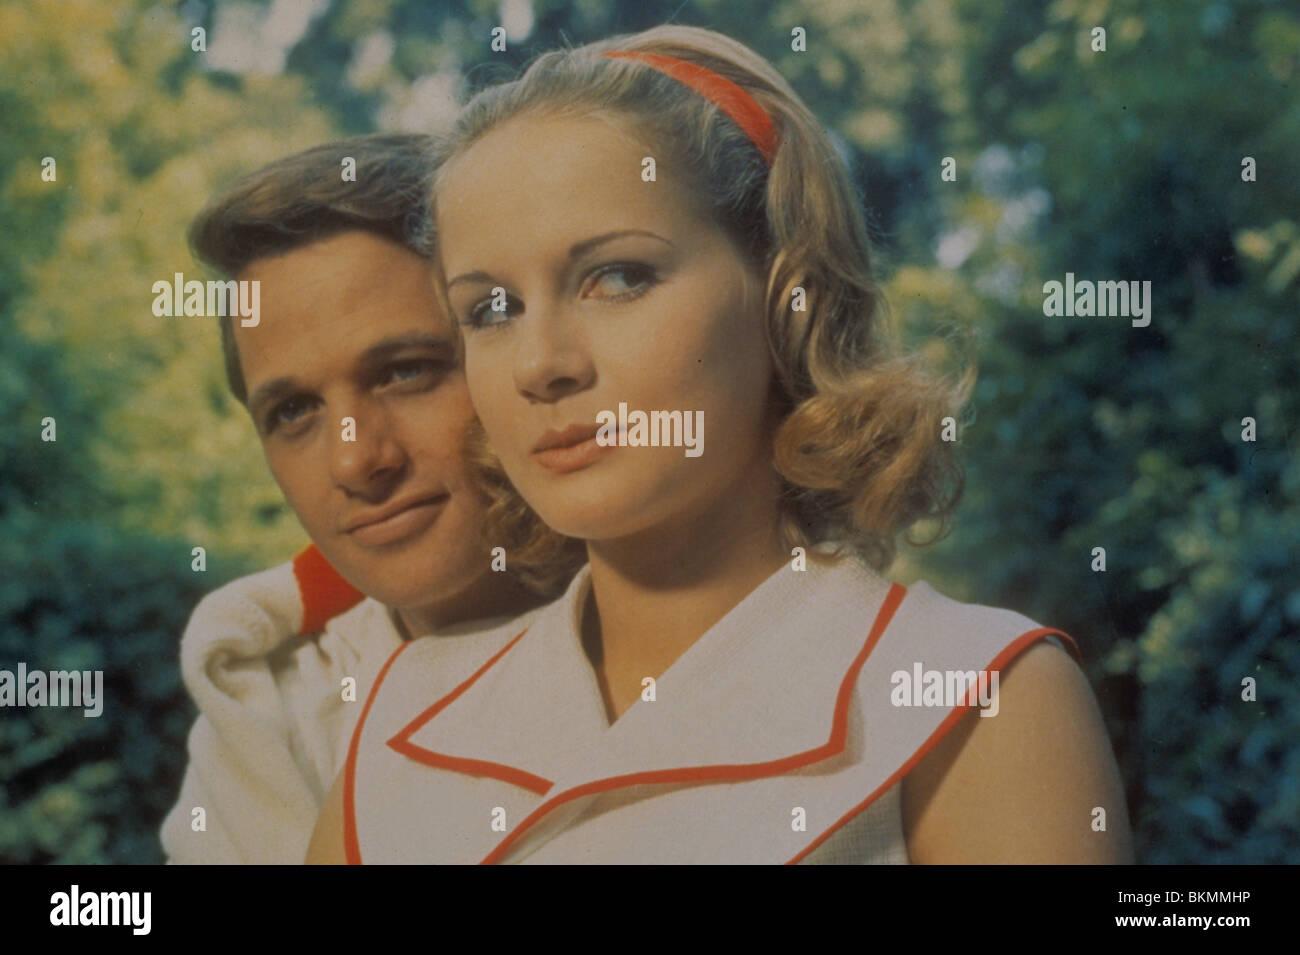 The Garden Of The Finzi Continis Film Stock Photos & The Garden Of ...